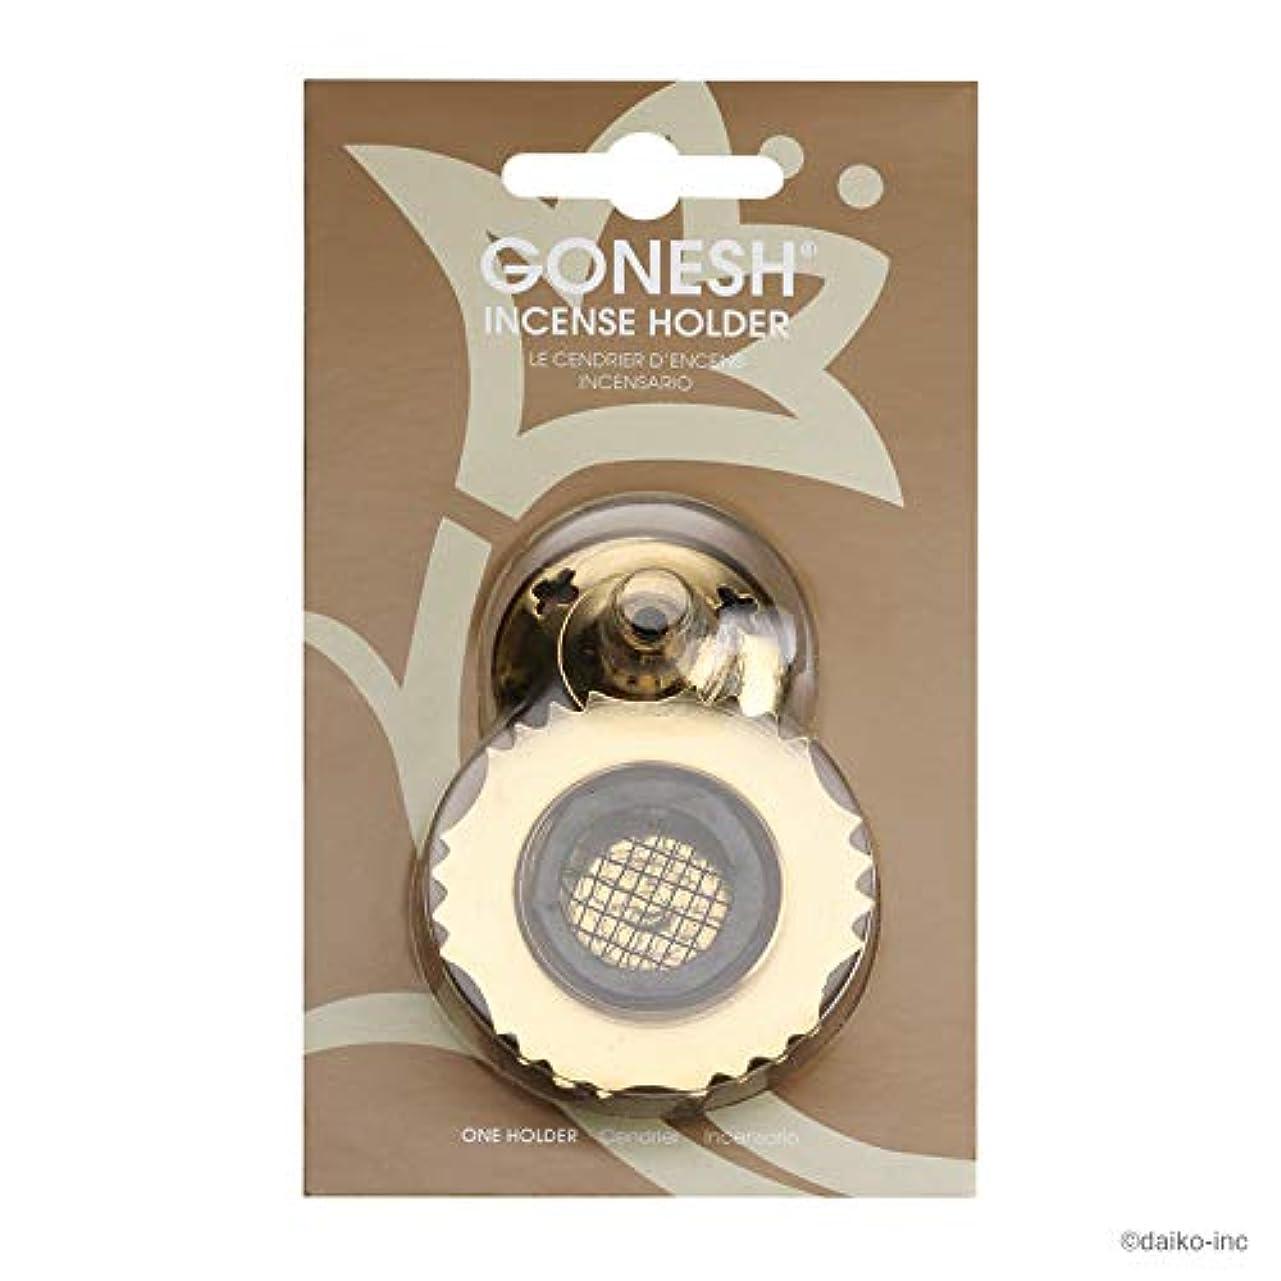 通り抜ける謝るボトルネックガーネッシュ(GONESH) インセンスホルダー メッシュブラス (お香立て)